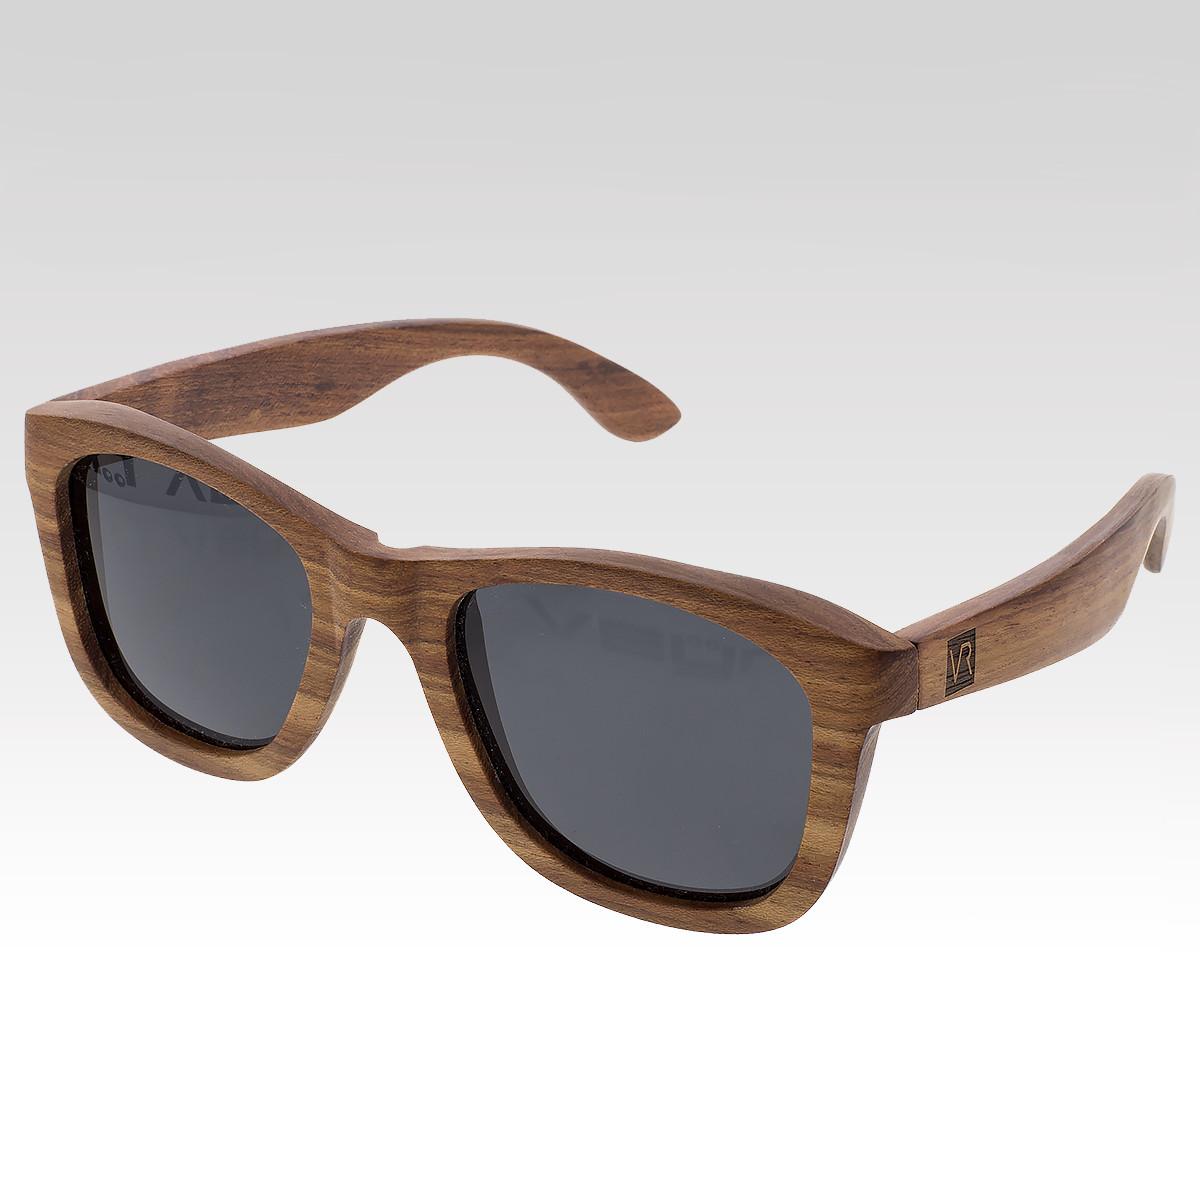 Dřevěné sluneční brýle Larch černá skla